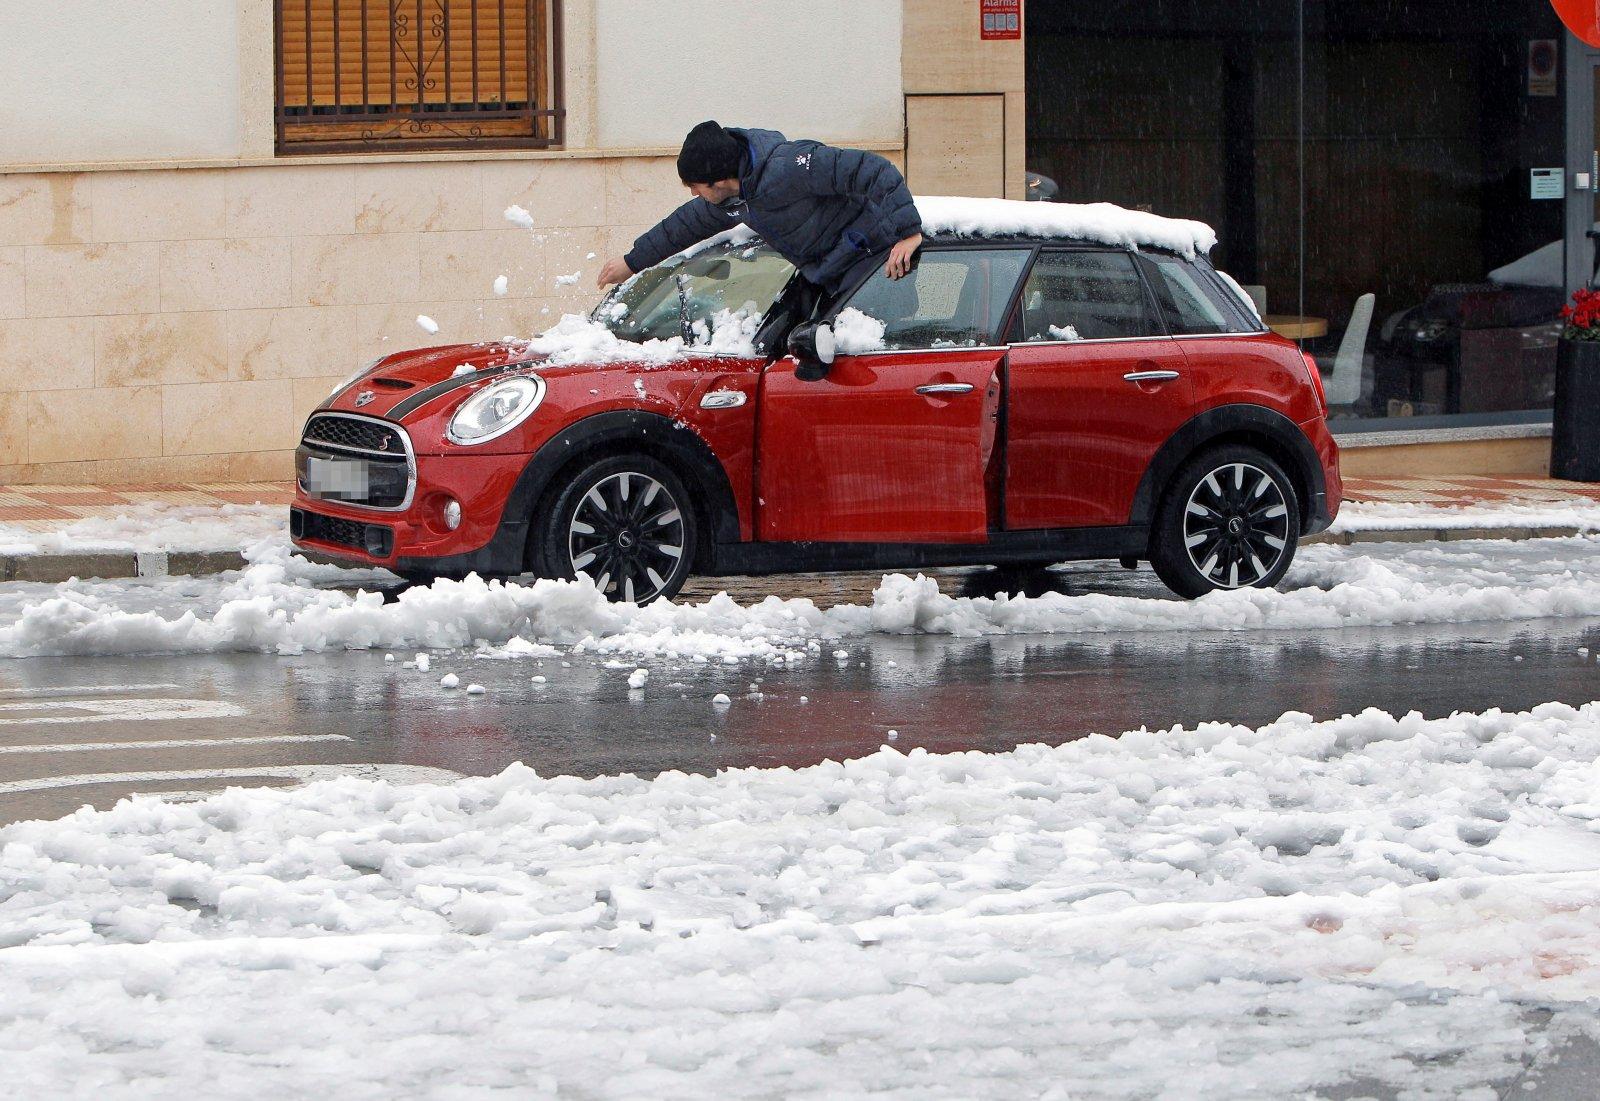 Śnieg spadł w Hiszpanii EPA/MORELL